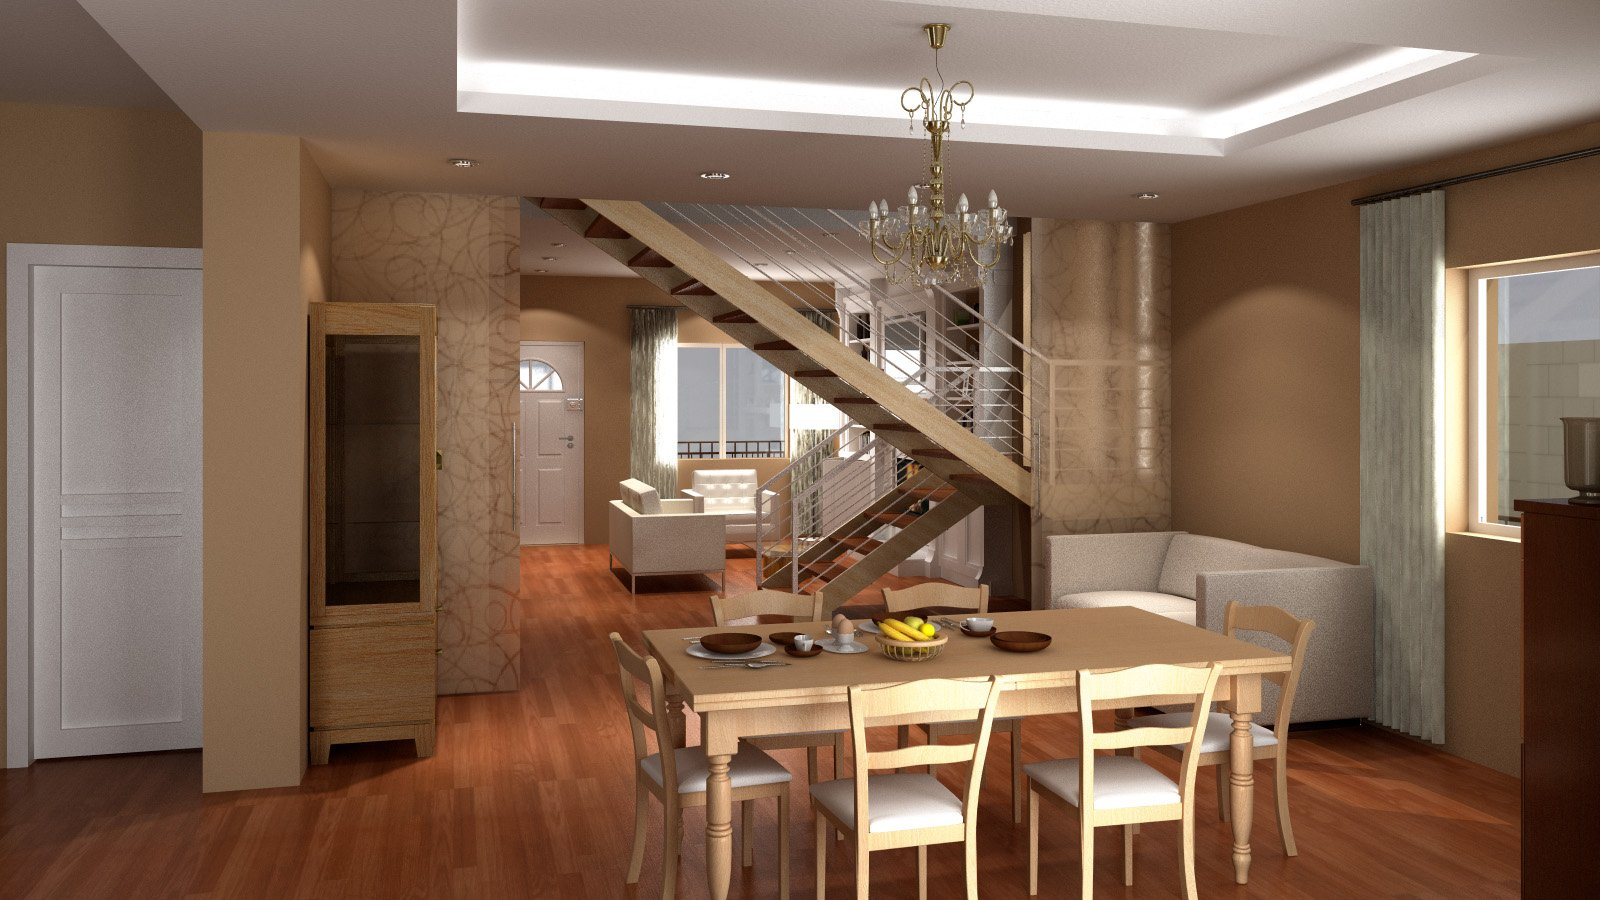 Progetto casa d 39 amora l poggiomarino na aiplan architettura e ingegneria - Case a due piani interni ...